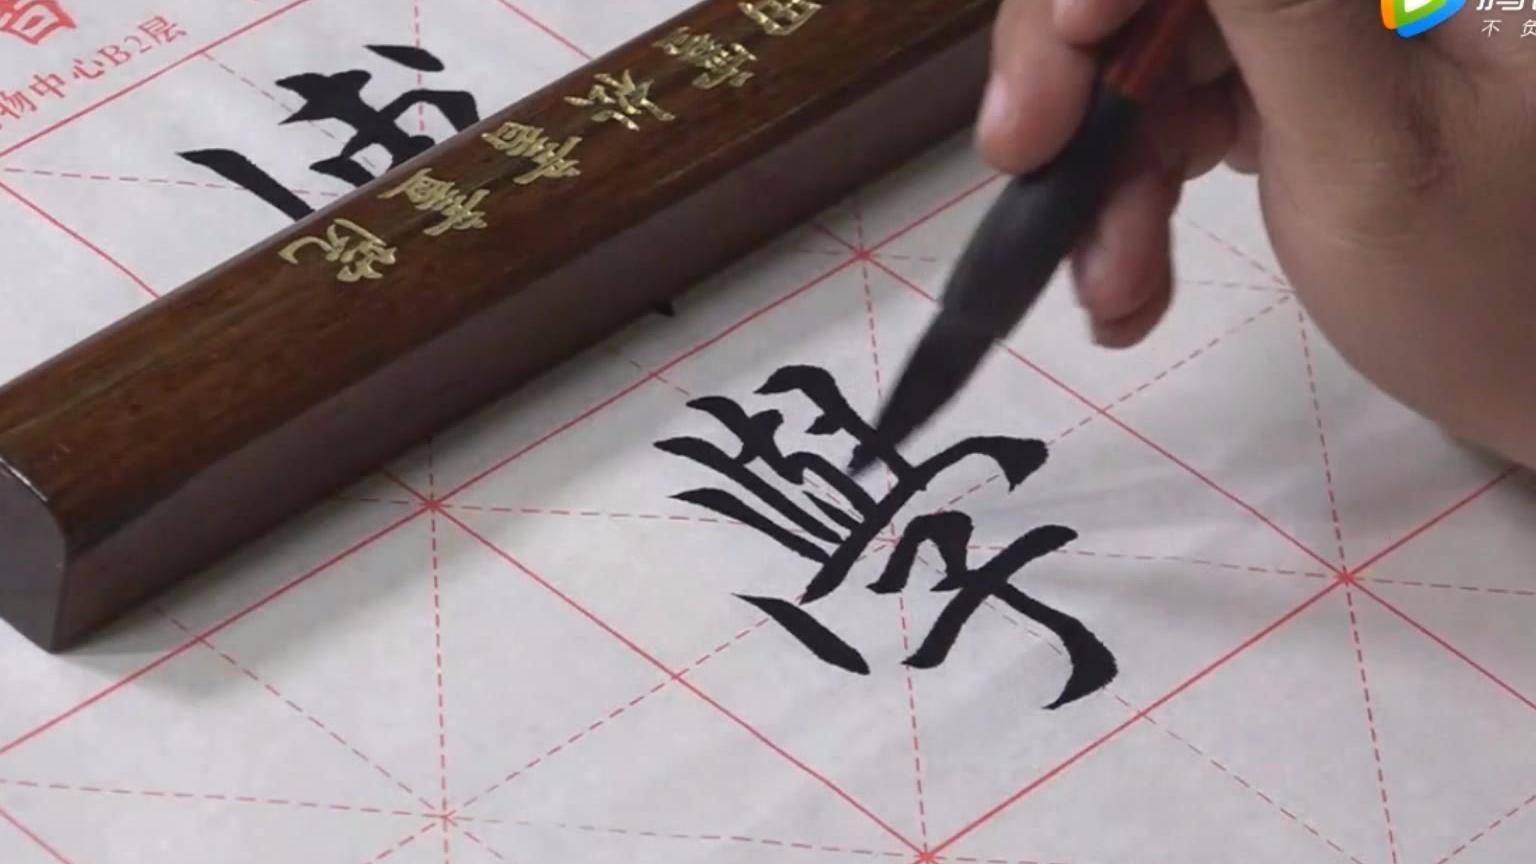 田雪松示范讲解书法作品10